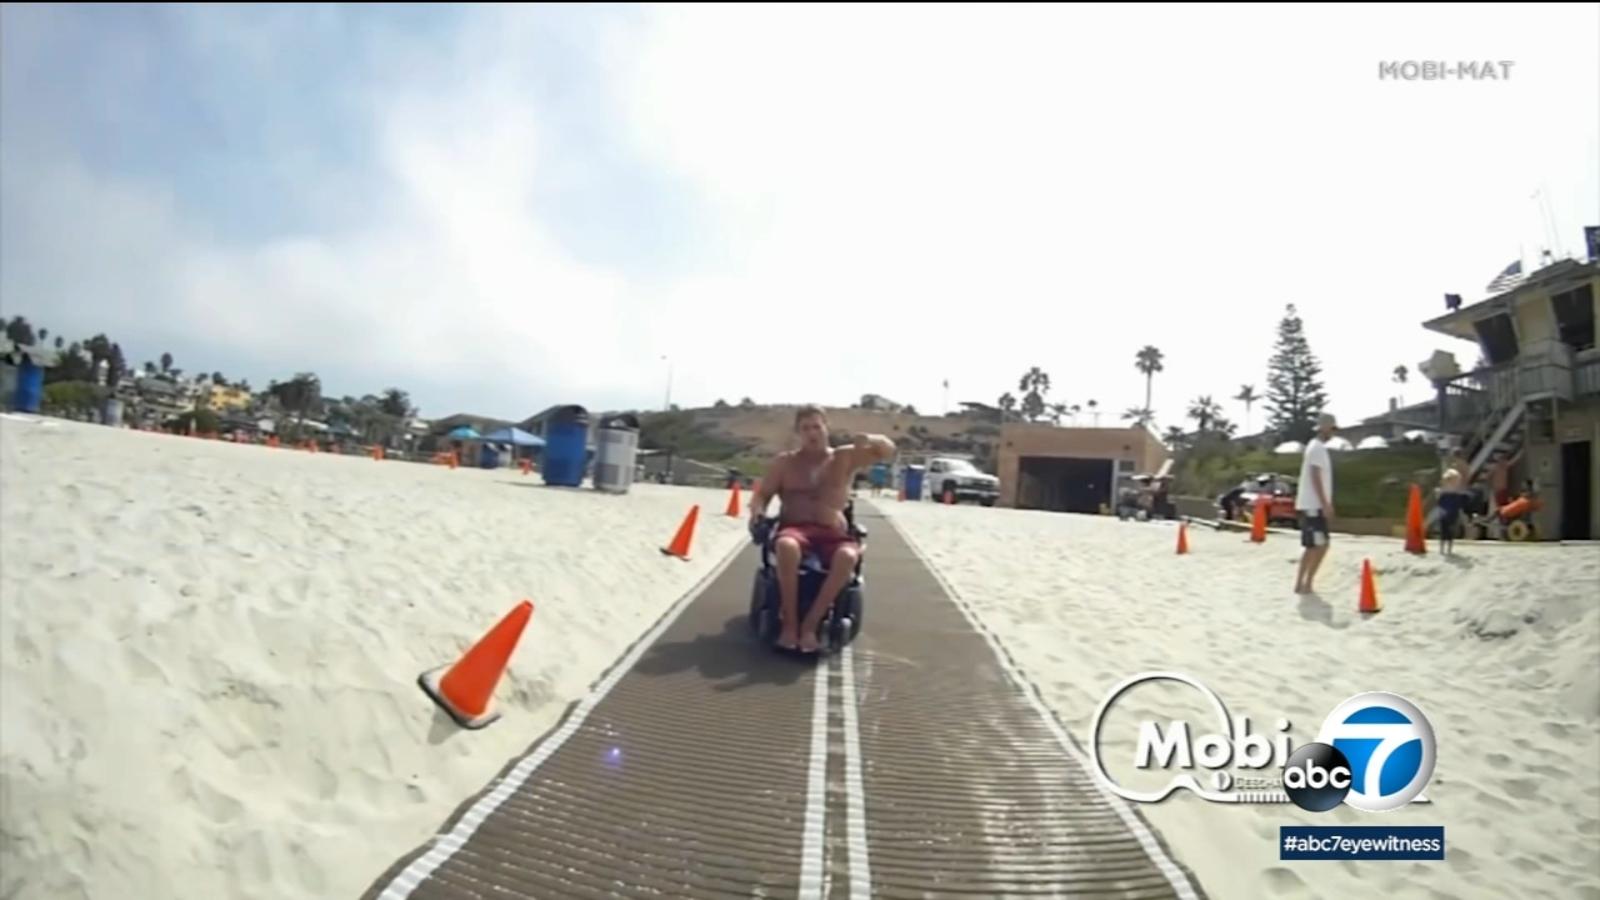 10333826 021221 kabc 5am mb beach mat CC vid jpg?w=1600.